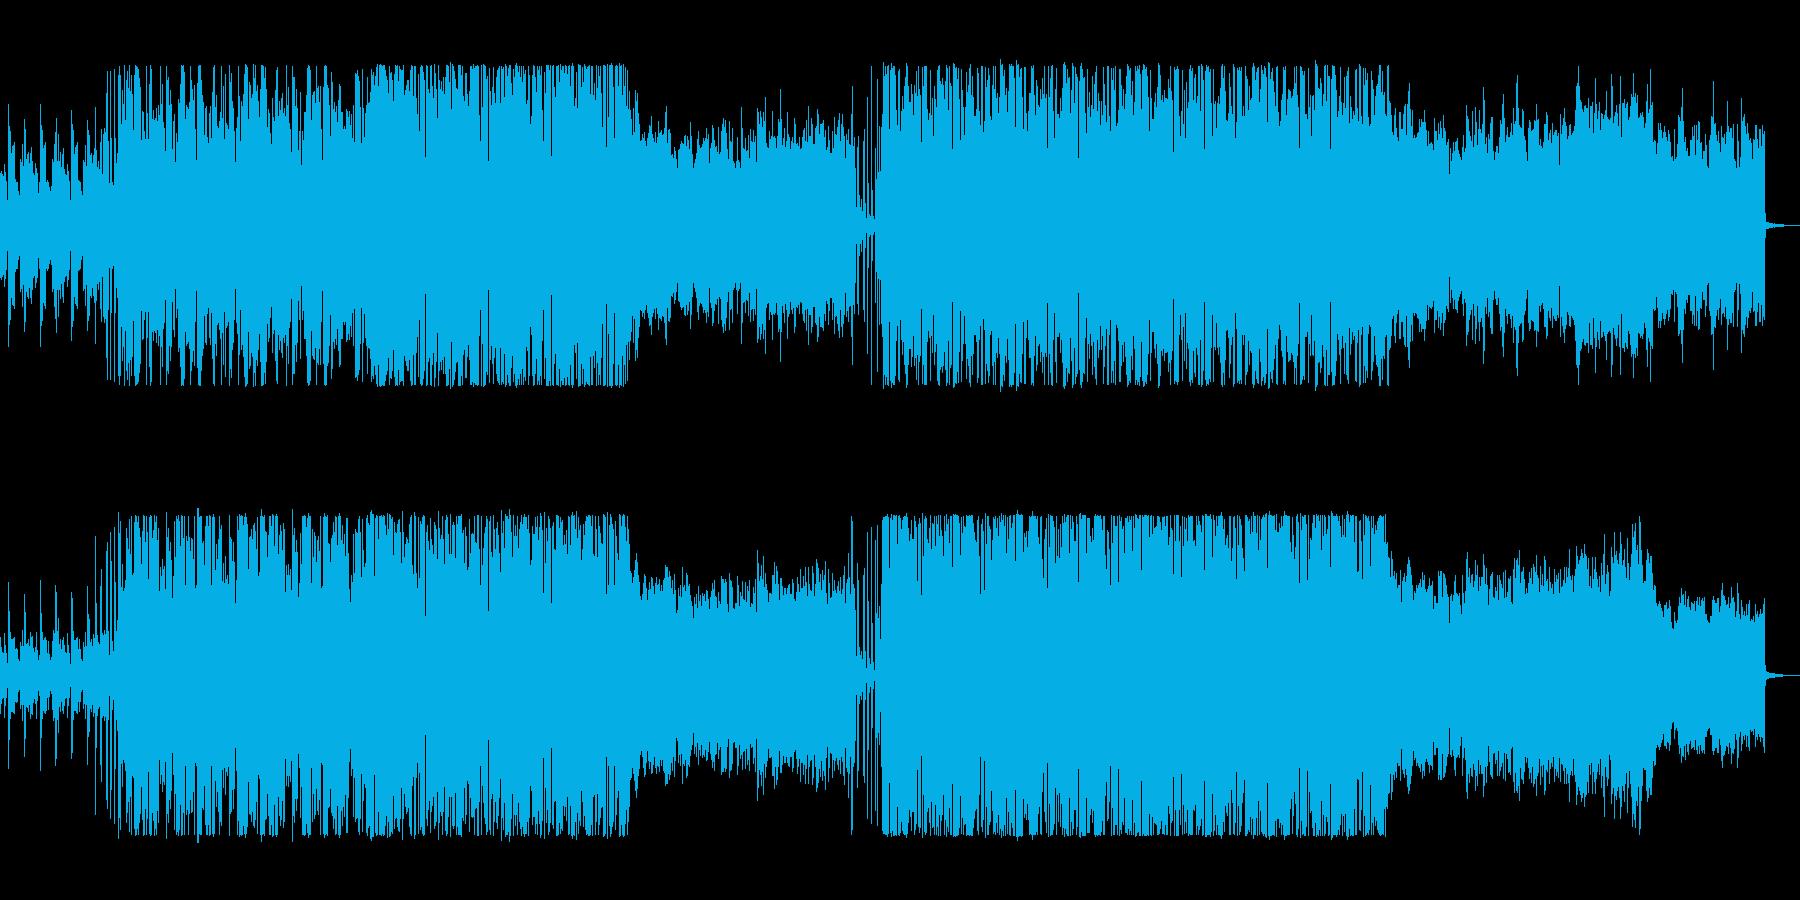 未来感のある軽快なエレクトリックロックの再生済みの波形